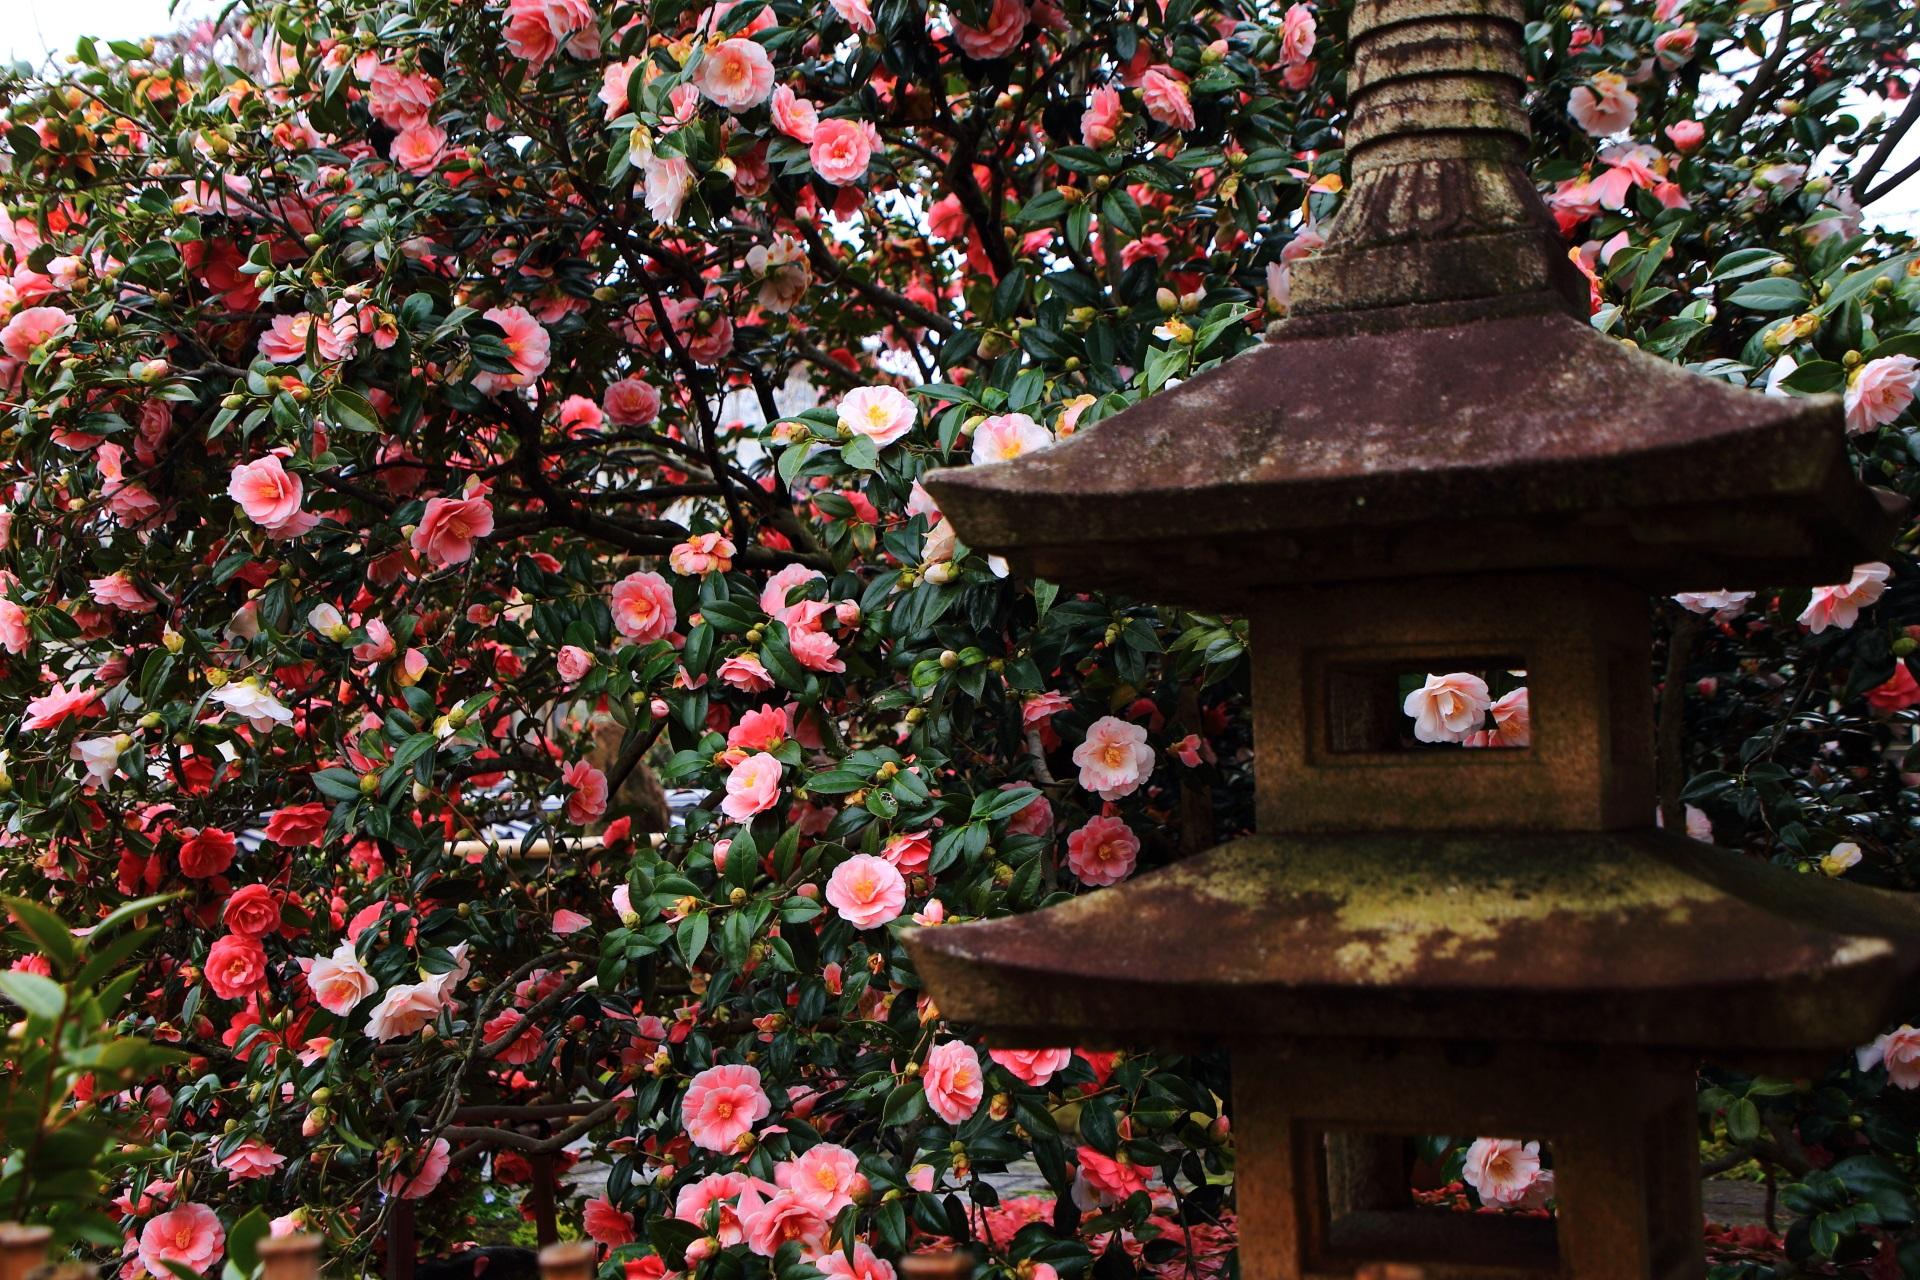 地蔵院の燈籠と春を彩る満開の椿